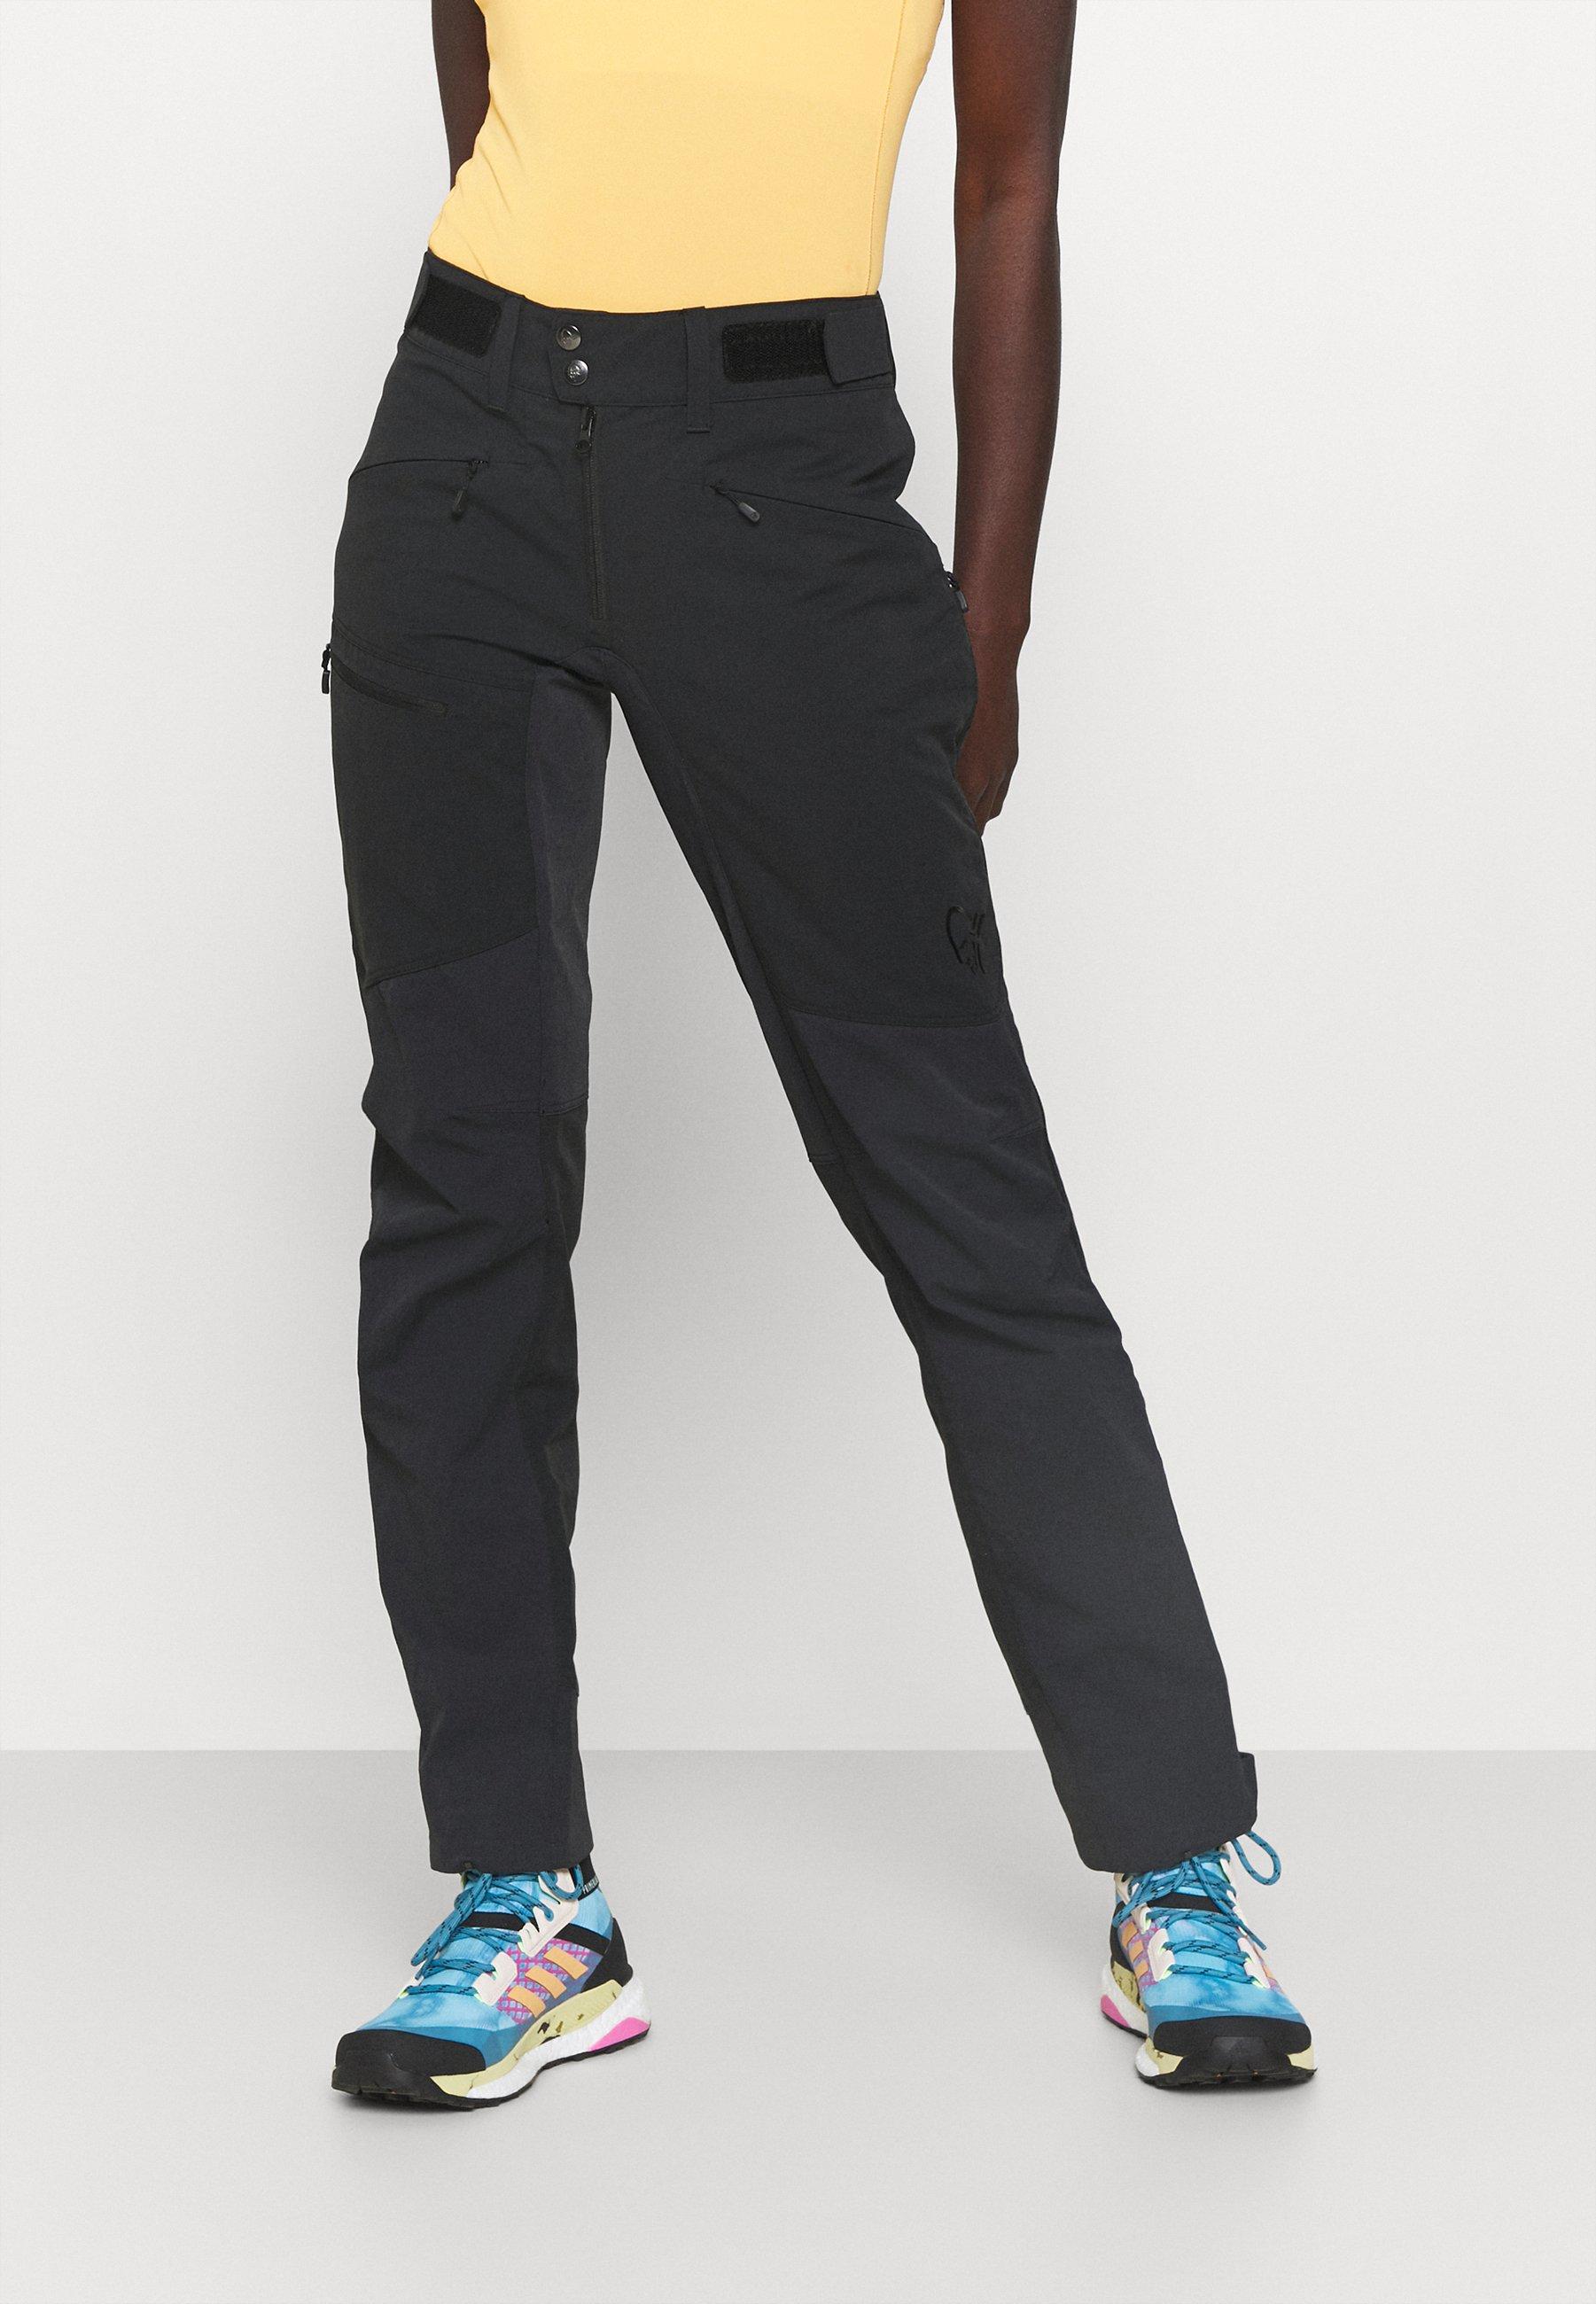 Femme FALKETIND FLEX1 HEAVY DUTY PANTS - Pantalons outdoor